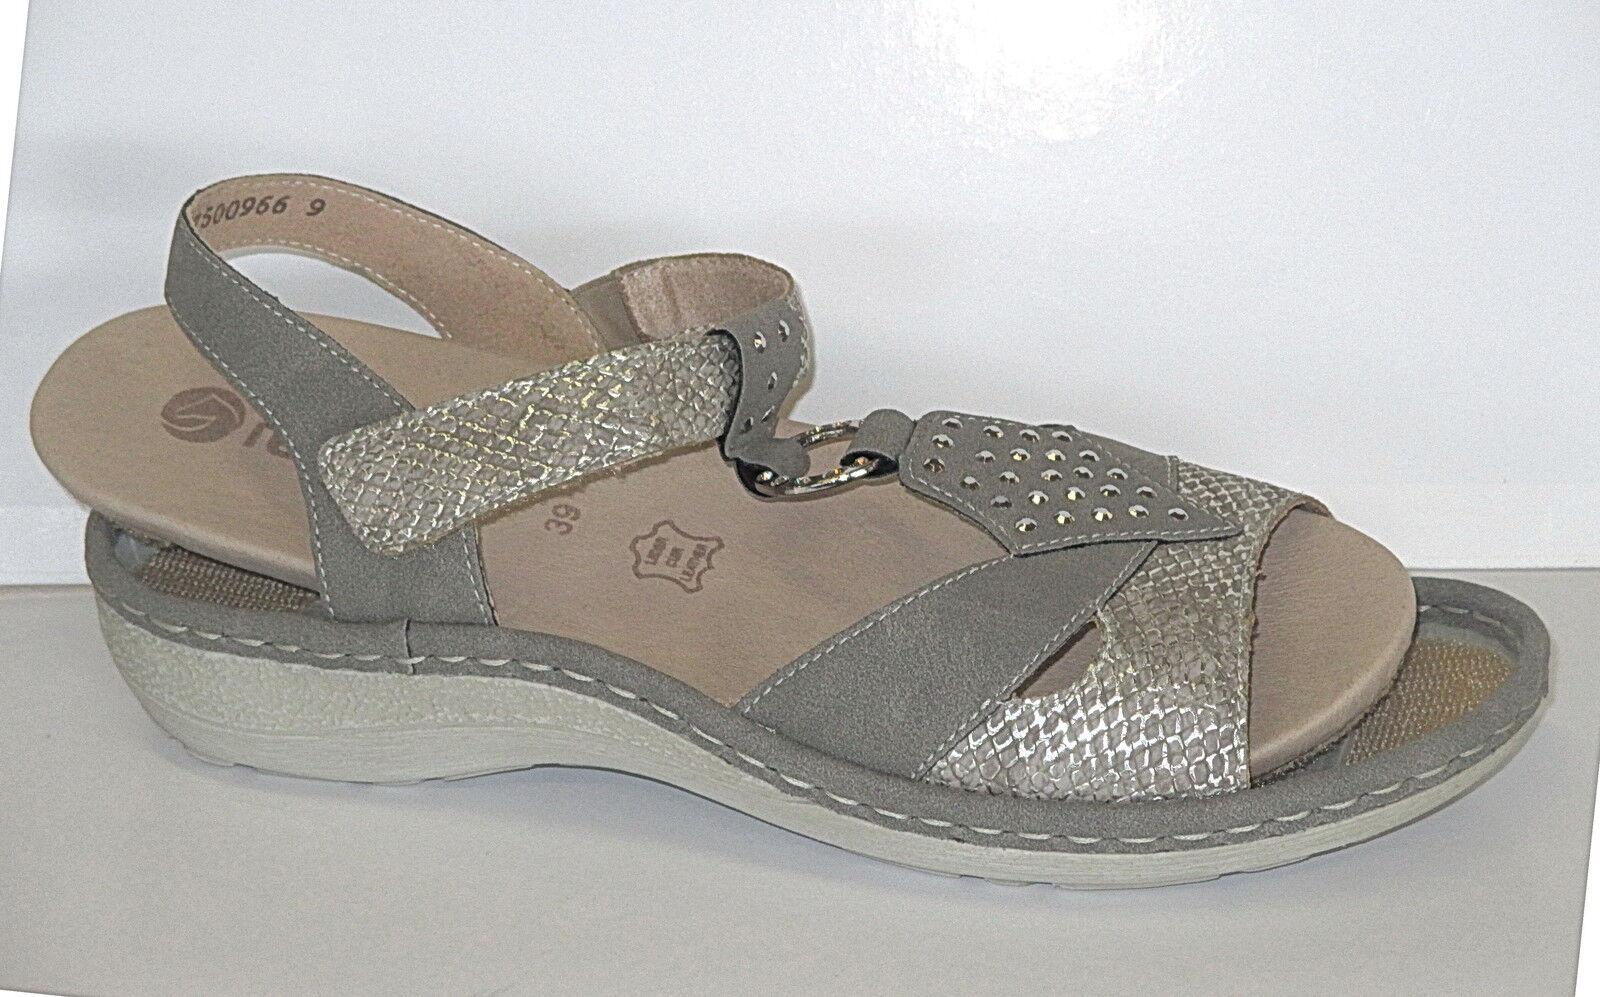 REMONTE Chaussures Femmes Sandale Avec Semelle intérieure amovible, taille 39-41, + Neuf +